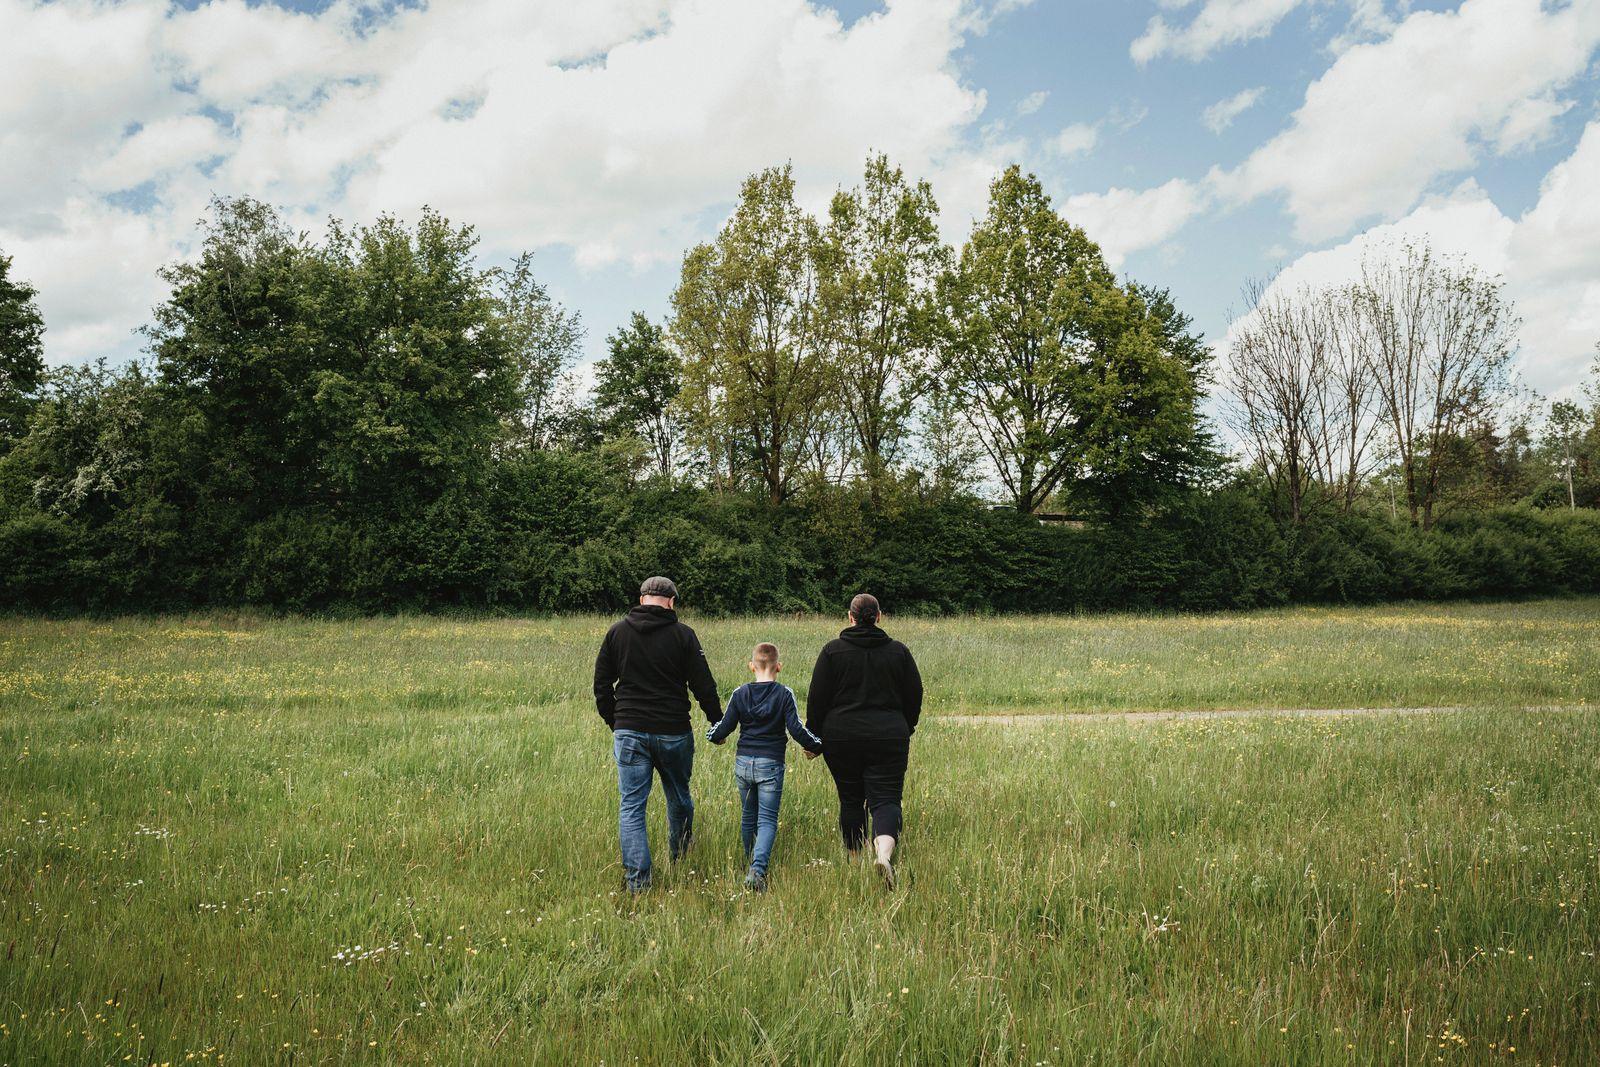 ADHS / Familienfoto